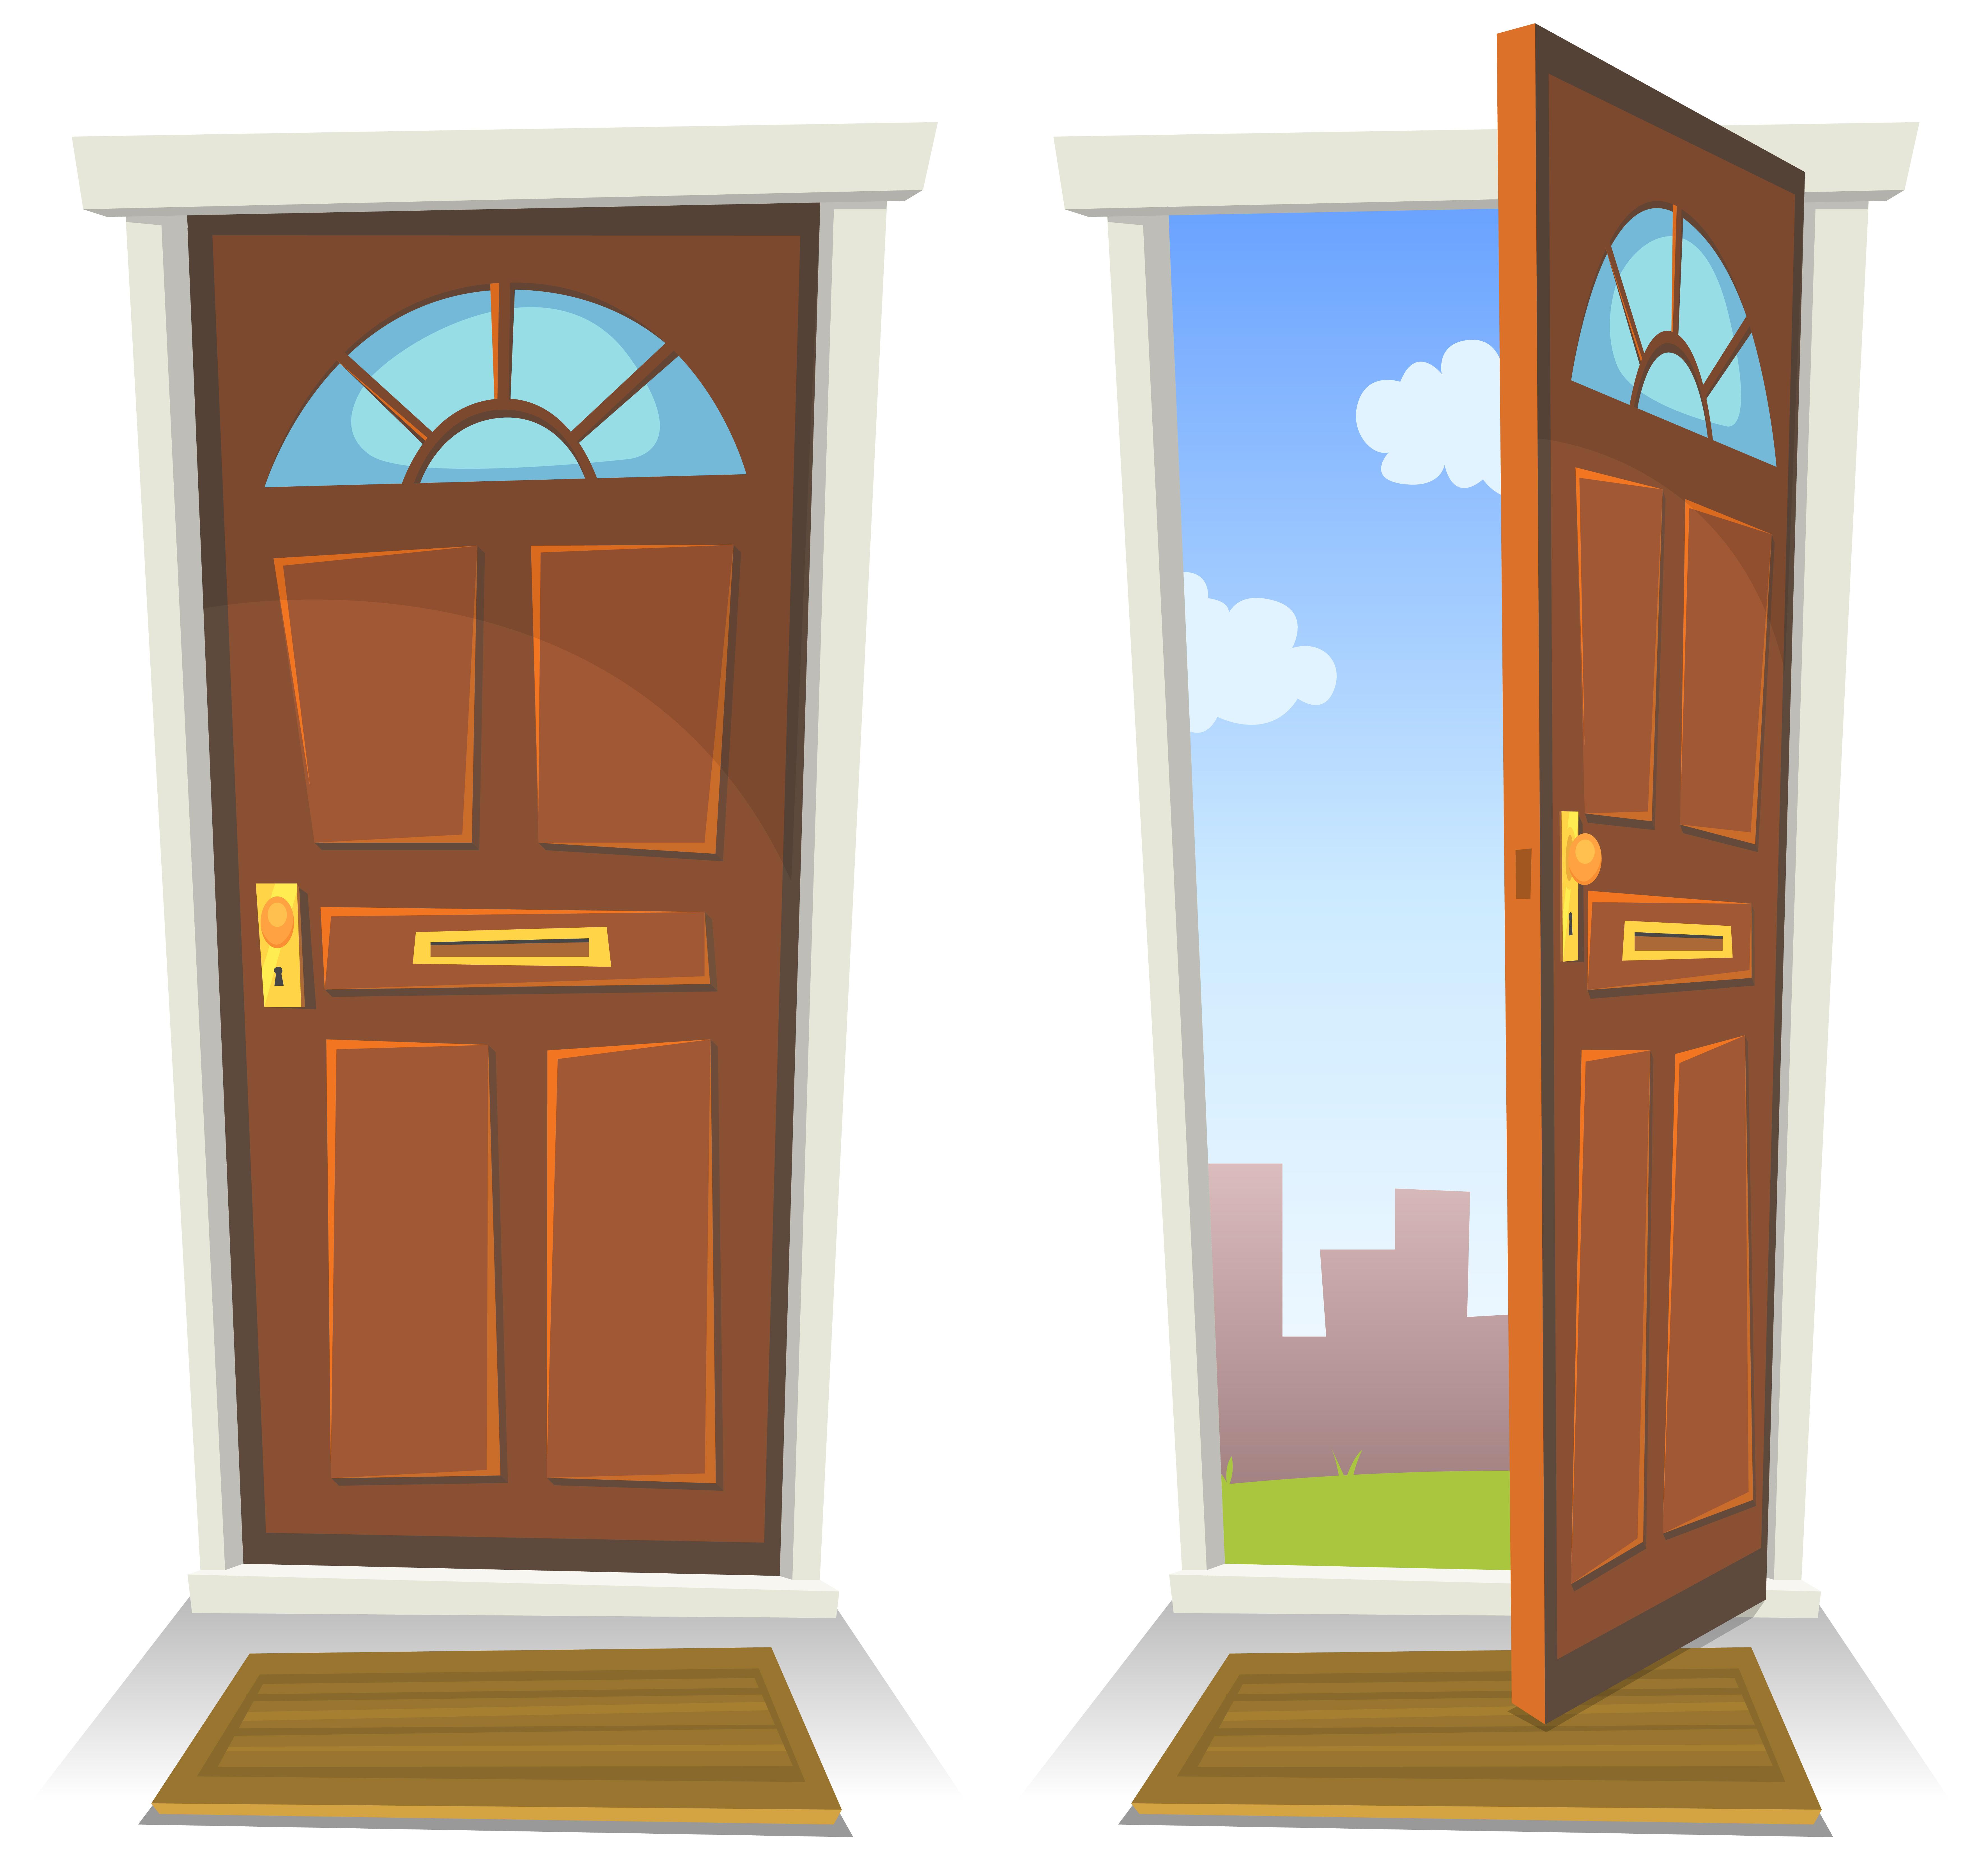 Puerta Roja De Dibujos Animados, Abierta Y Cerrada